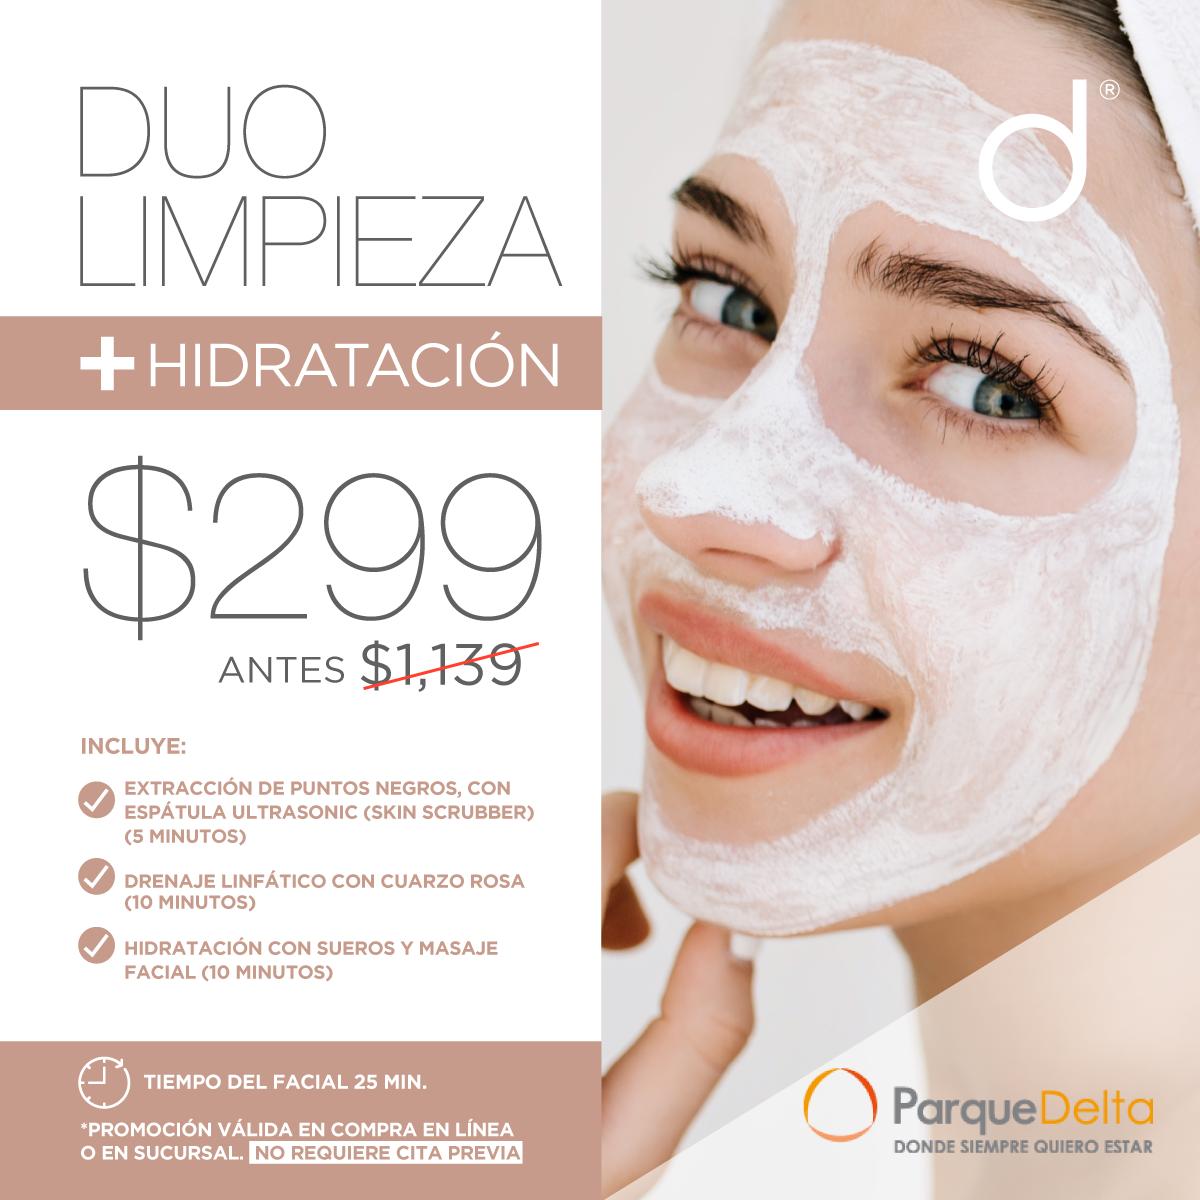 Facial Duo Limpieza + Hidratación- SÓLO PARQUE DELTA&w=900&h=900&fit=crop